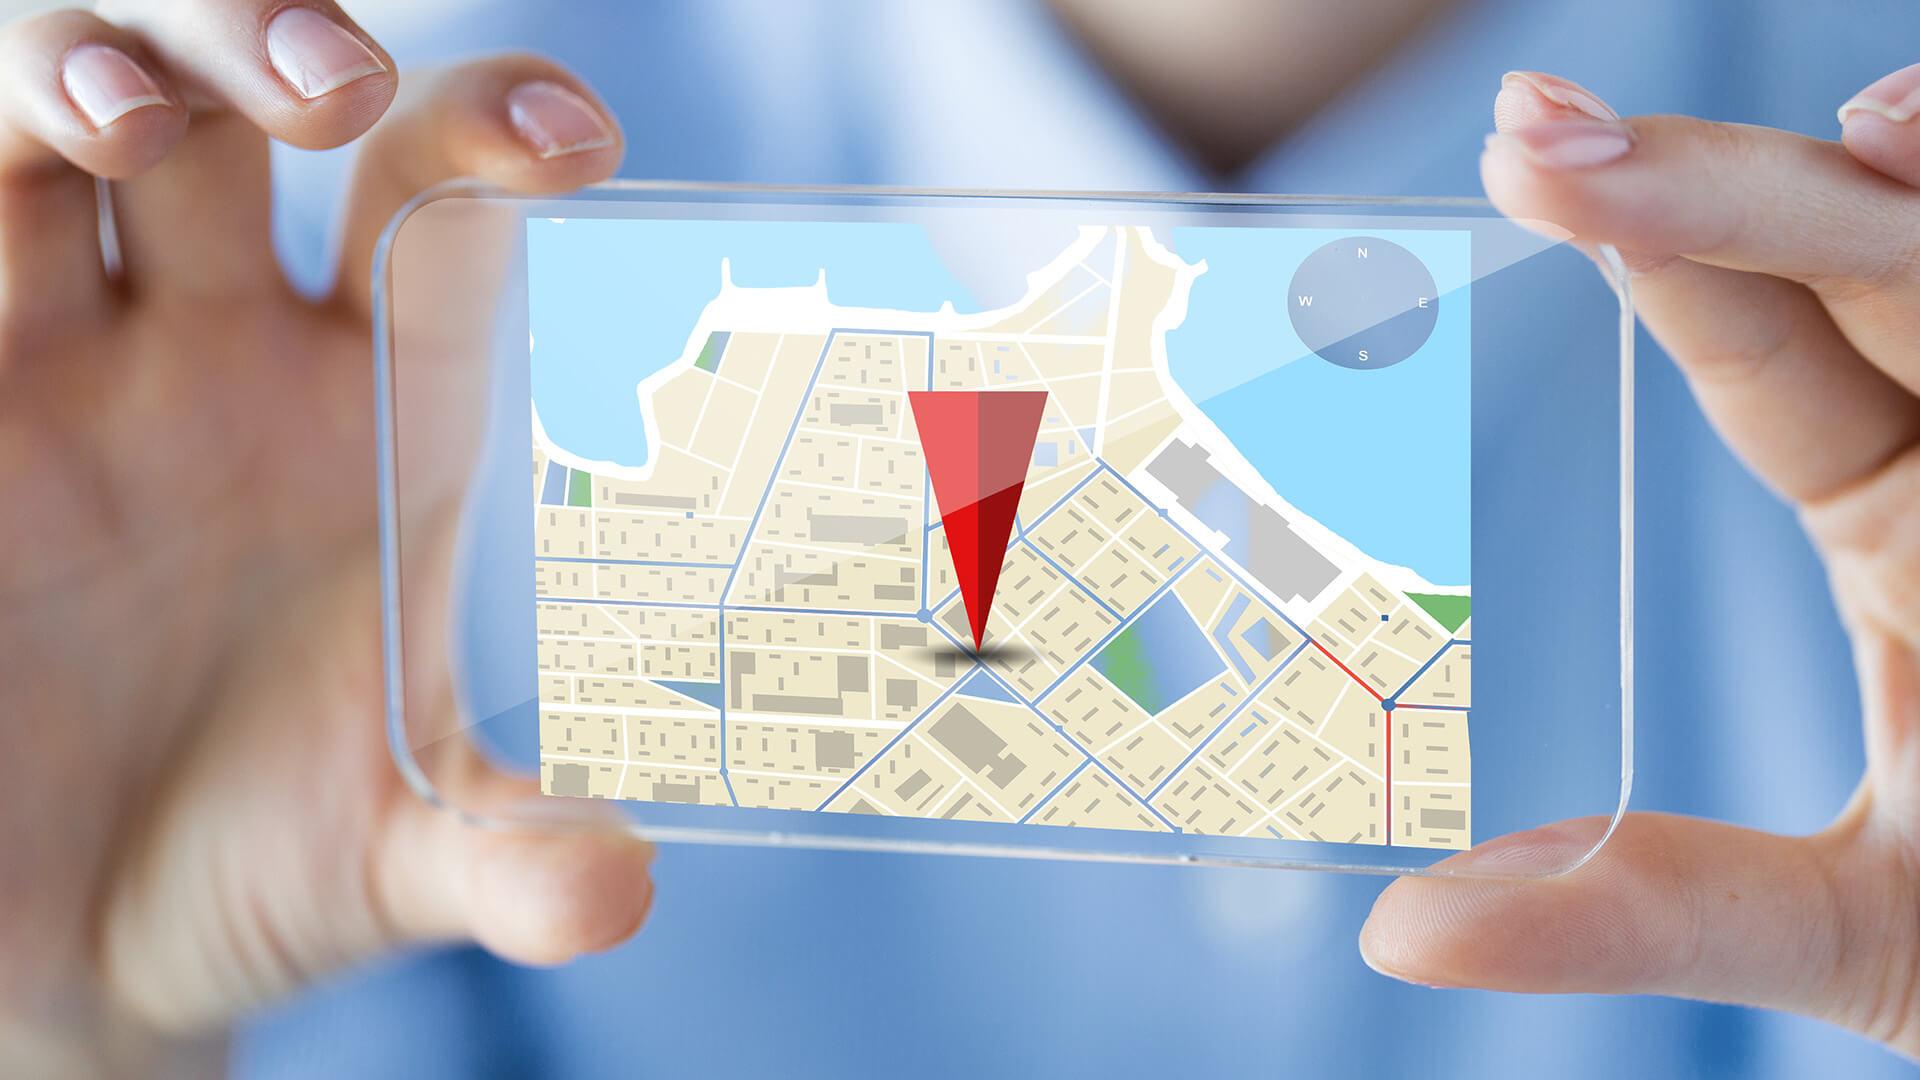 Facebook compra una startup de RA construyendo un mapa digital 1: 1 del mundo físico